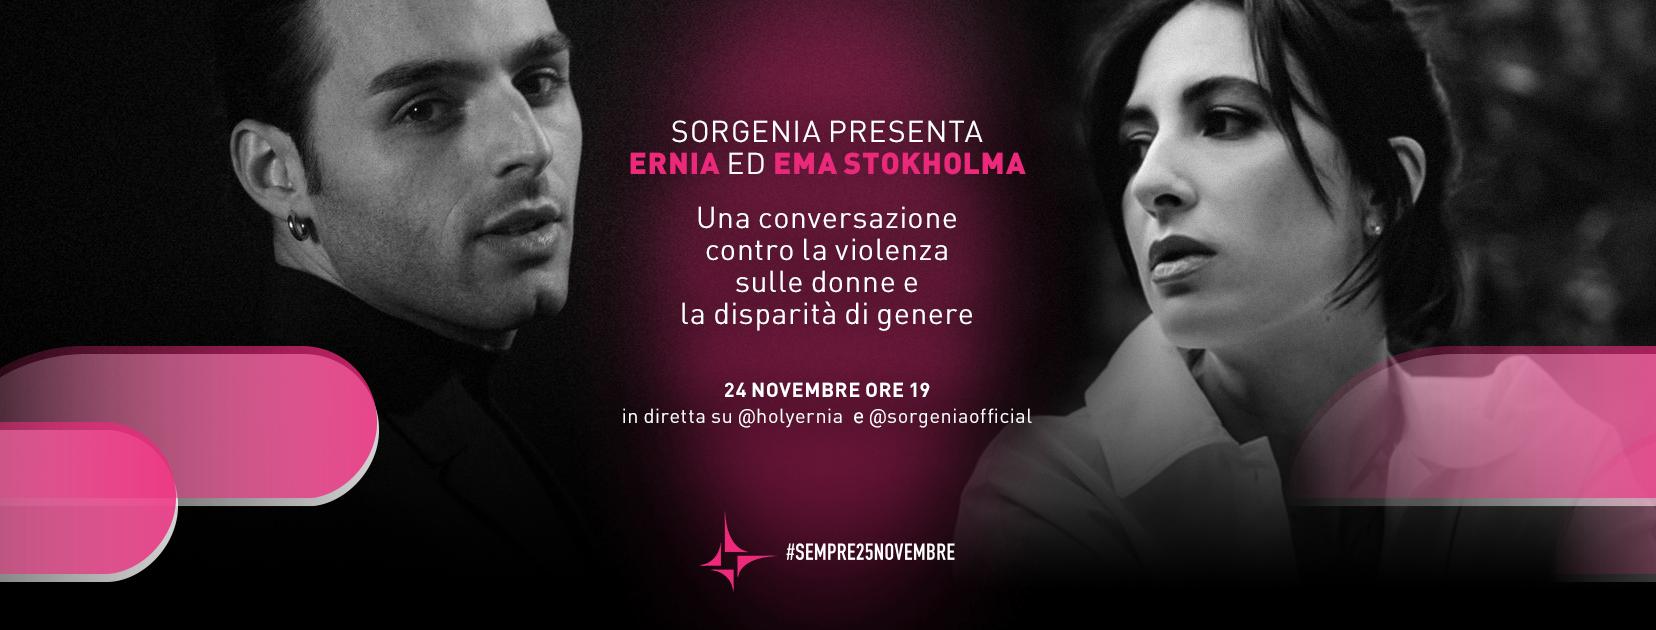 #sempre25novembre: con Ernia ed Ema Stokholma, Sorgenia parla ai giovani per prevenire la violenza contro le donne